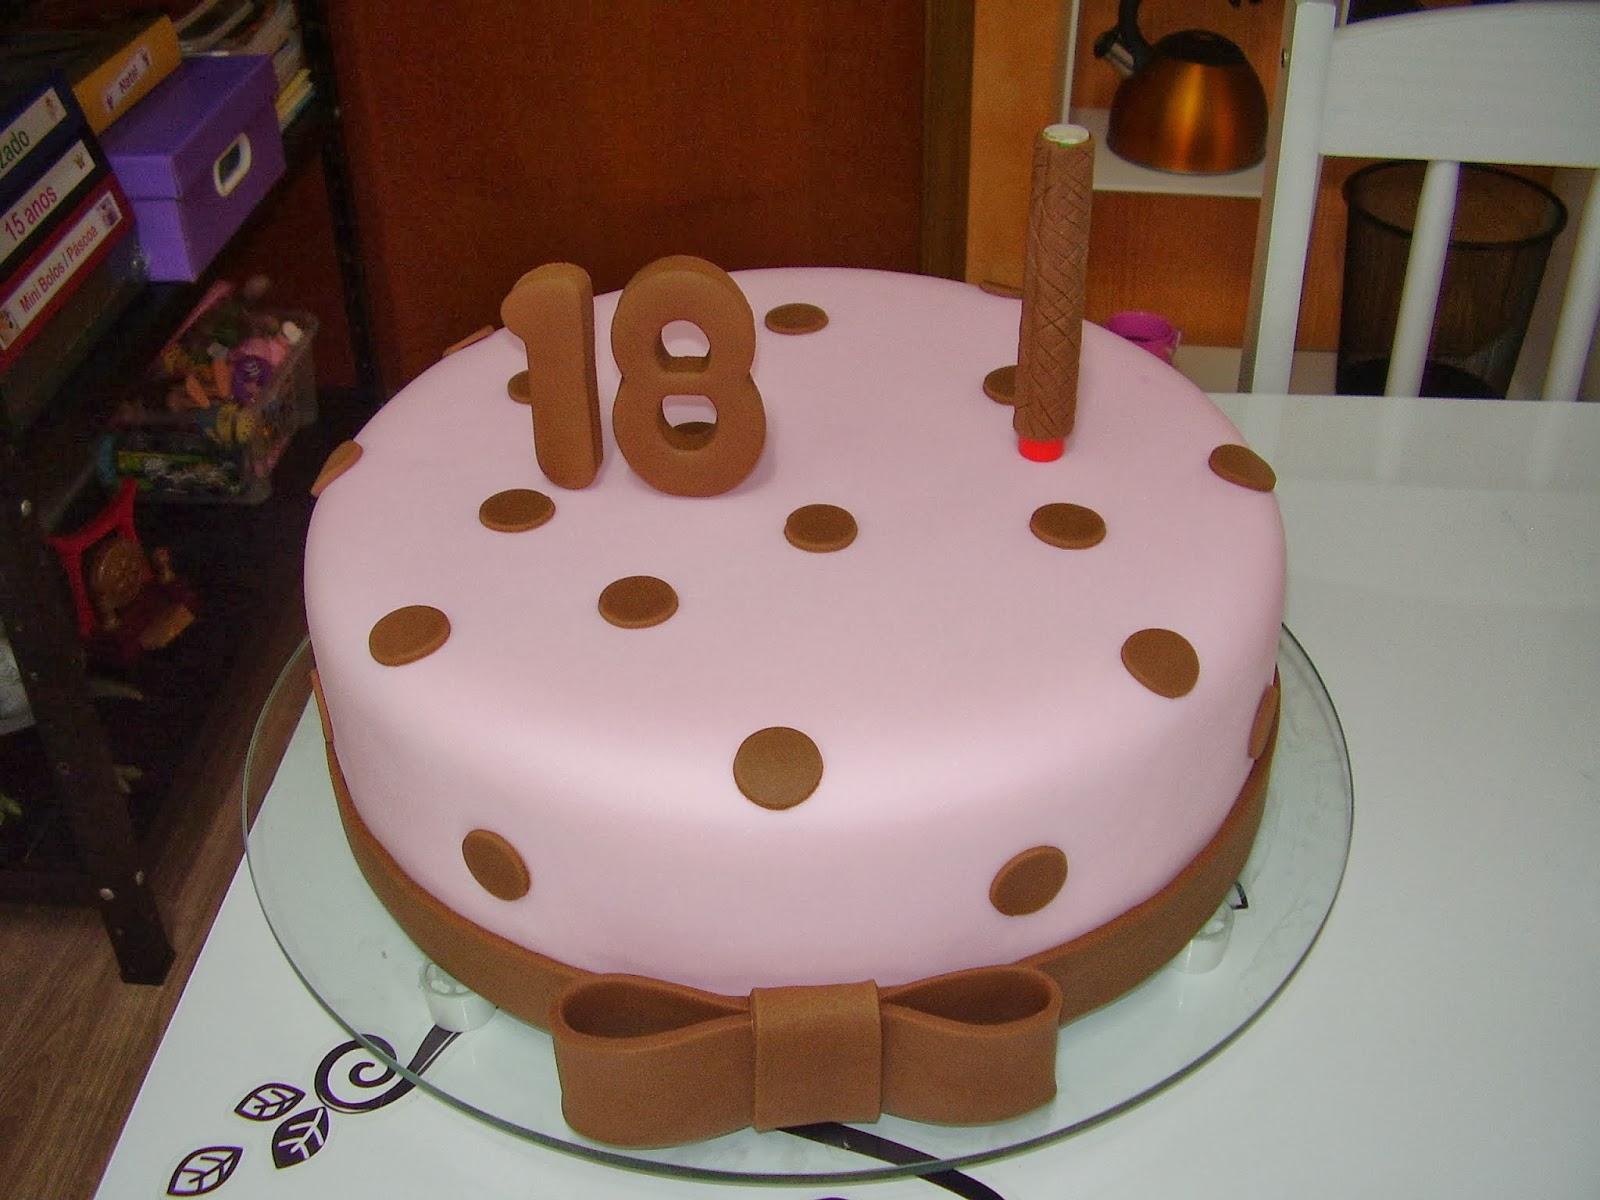 Bolo De 200 Anos: Ivani Cangussú Cake Designer: 03/11/2013